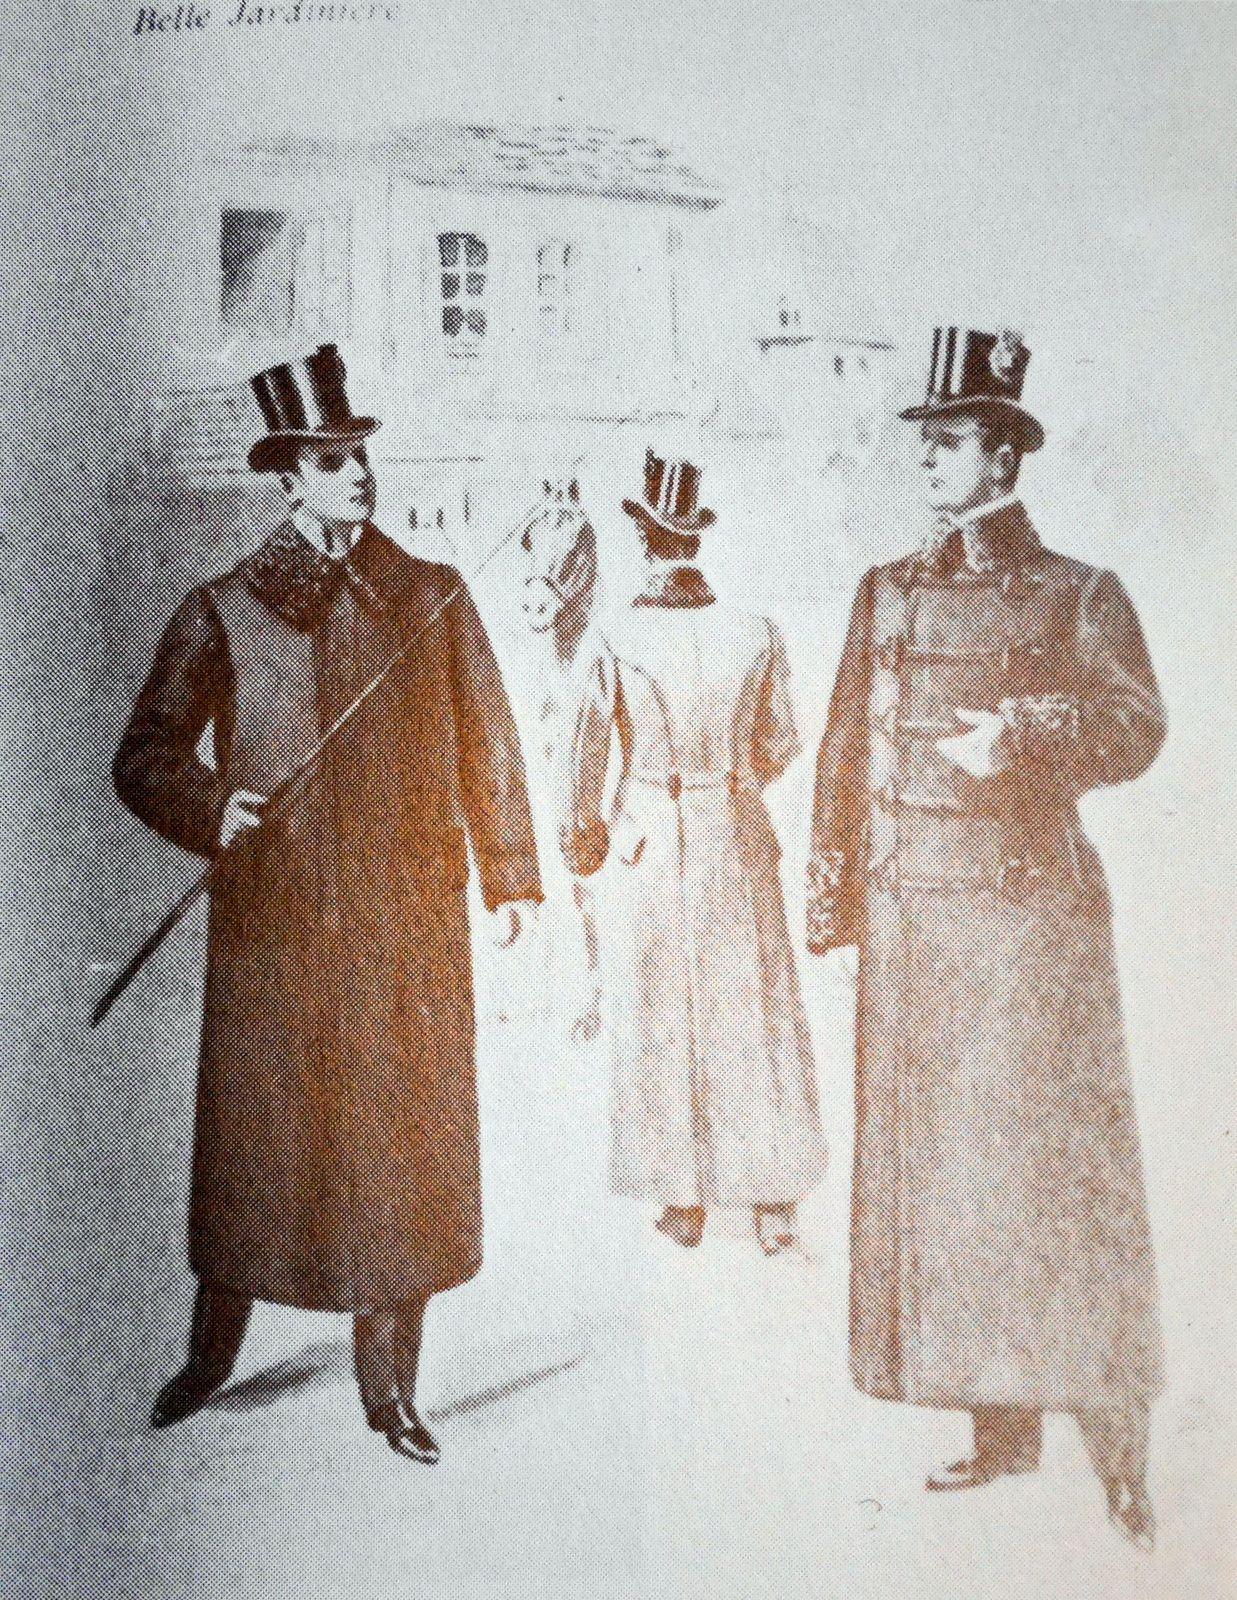 Différents types de manteaux proposés par La belle jardinière.